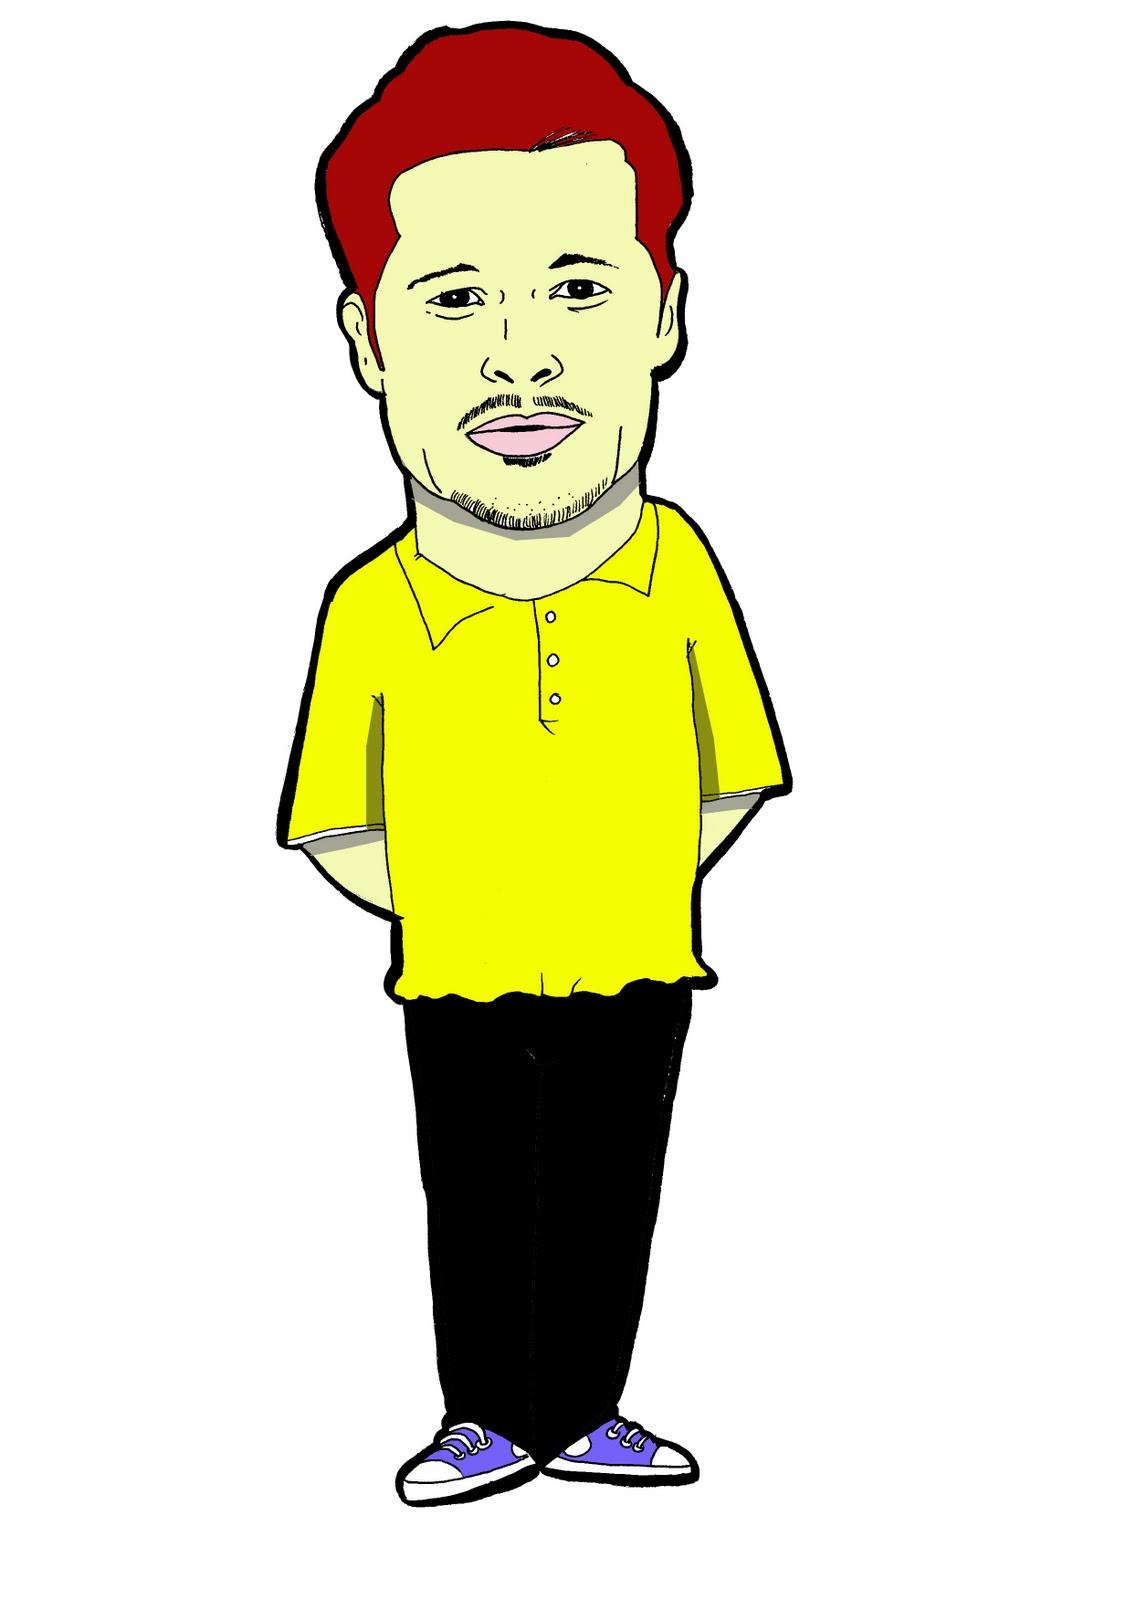 http://4.bp.blogspot.com/_hIqSBJLGDDI/TN6tciDEbKI/AAAAAAAAADc/YtO6aIjPLoY/s1600/Brad+Pitt.jpg